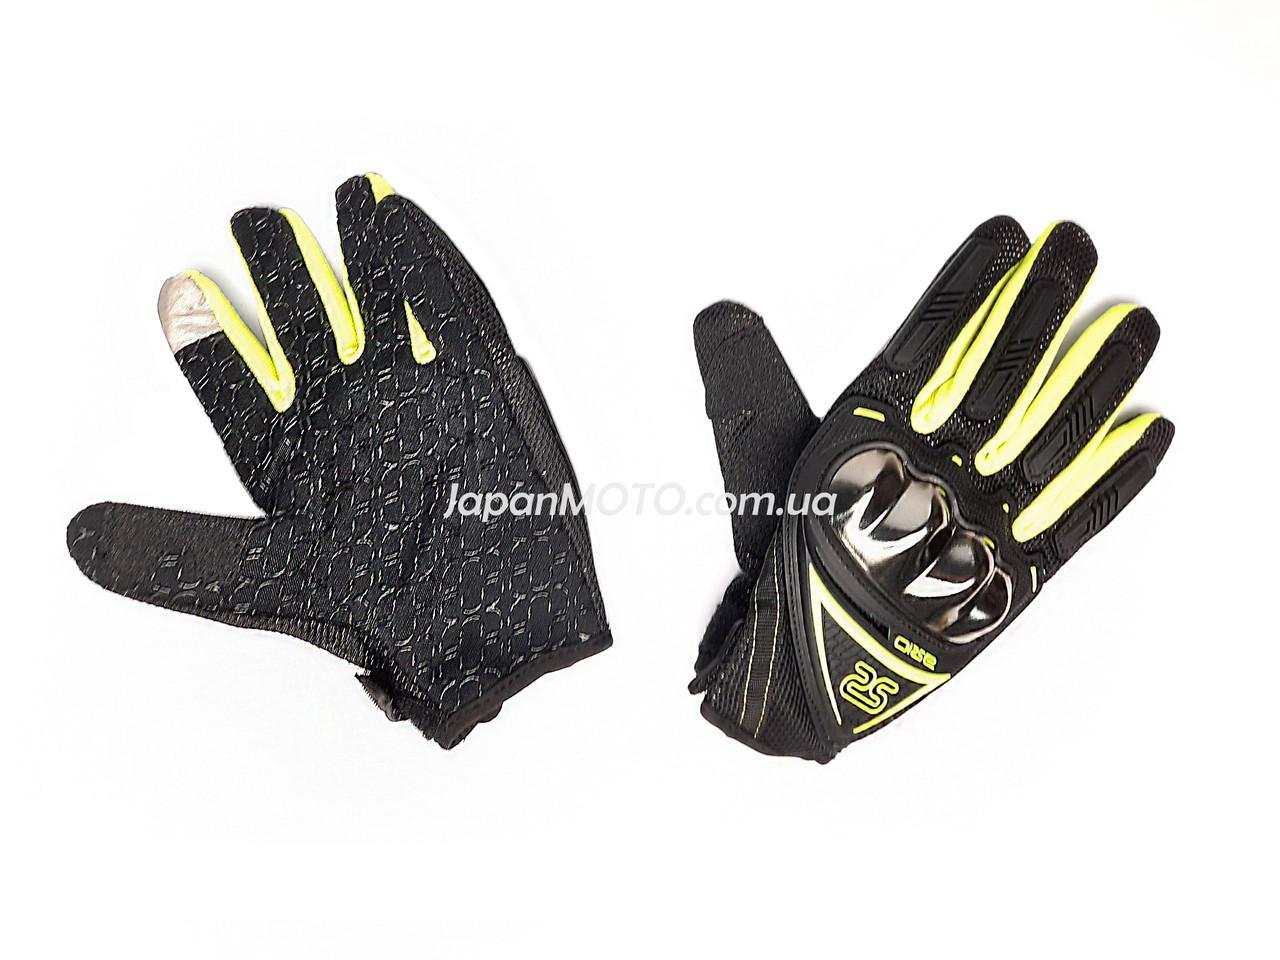 Перчатки AXIO AX-01 сенсорный палец (size: L, черные)